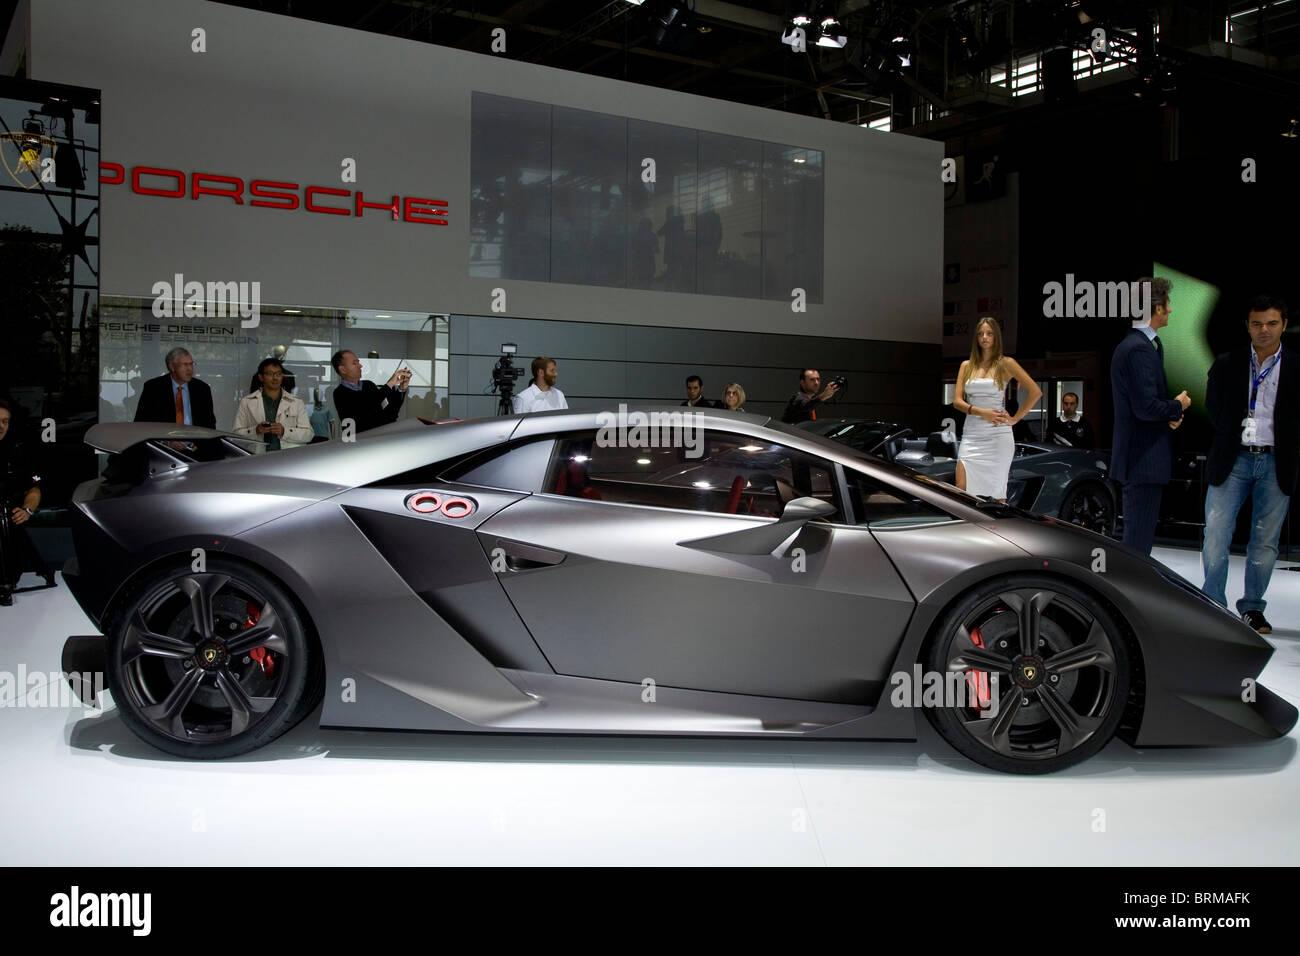 Paris Motor Show 2010 e la Lamborghini sesto elemento Immagini Stock